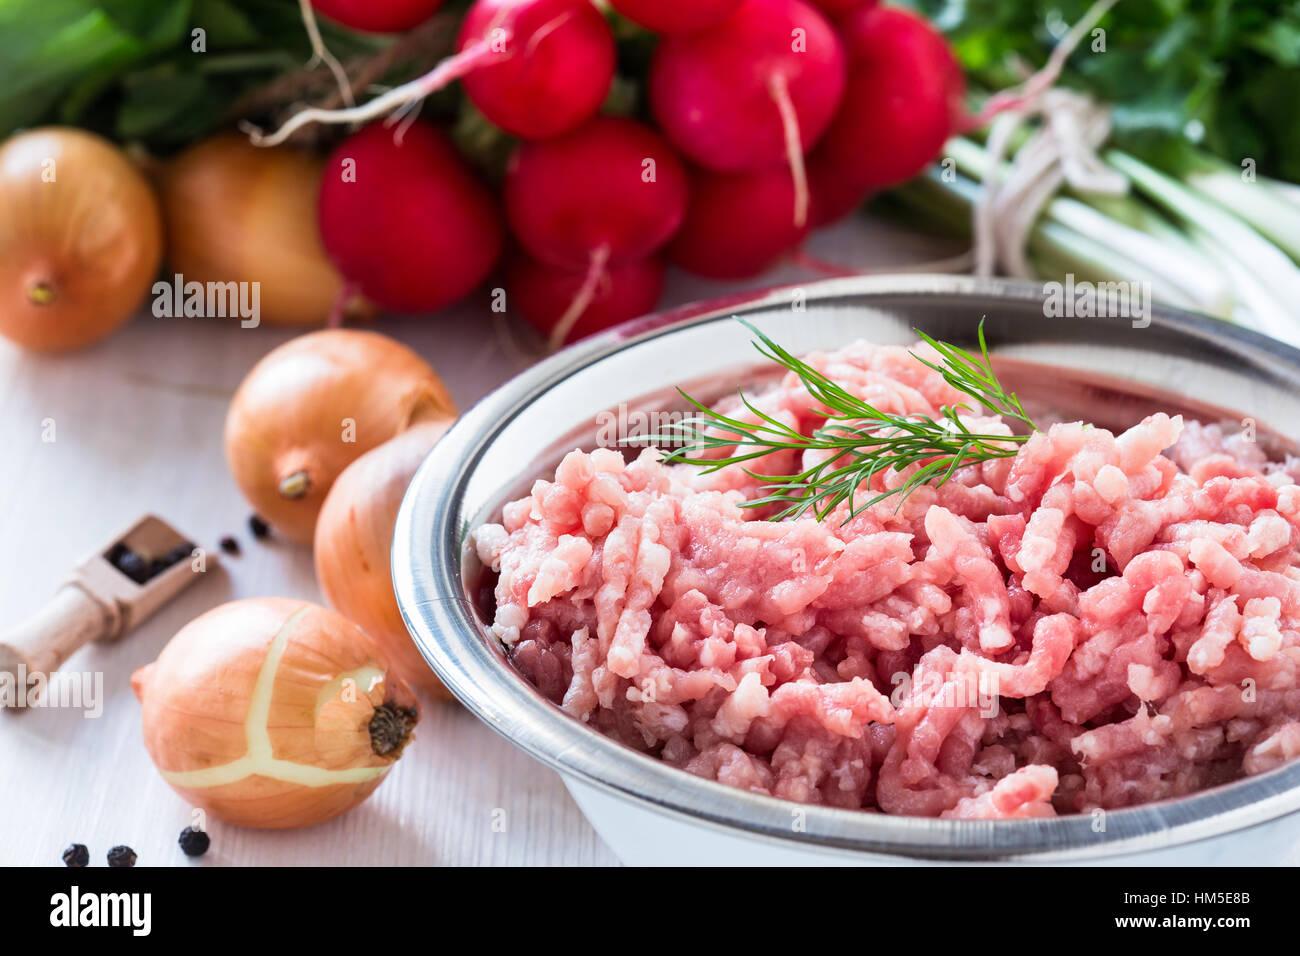 Rohes Hackfleisch in weiße Schüssel. Hackfleisch vom Schwein auf einem Hintergrund von frischem Bio-Gemüse Stockbild